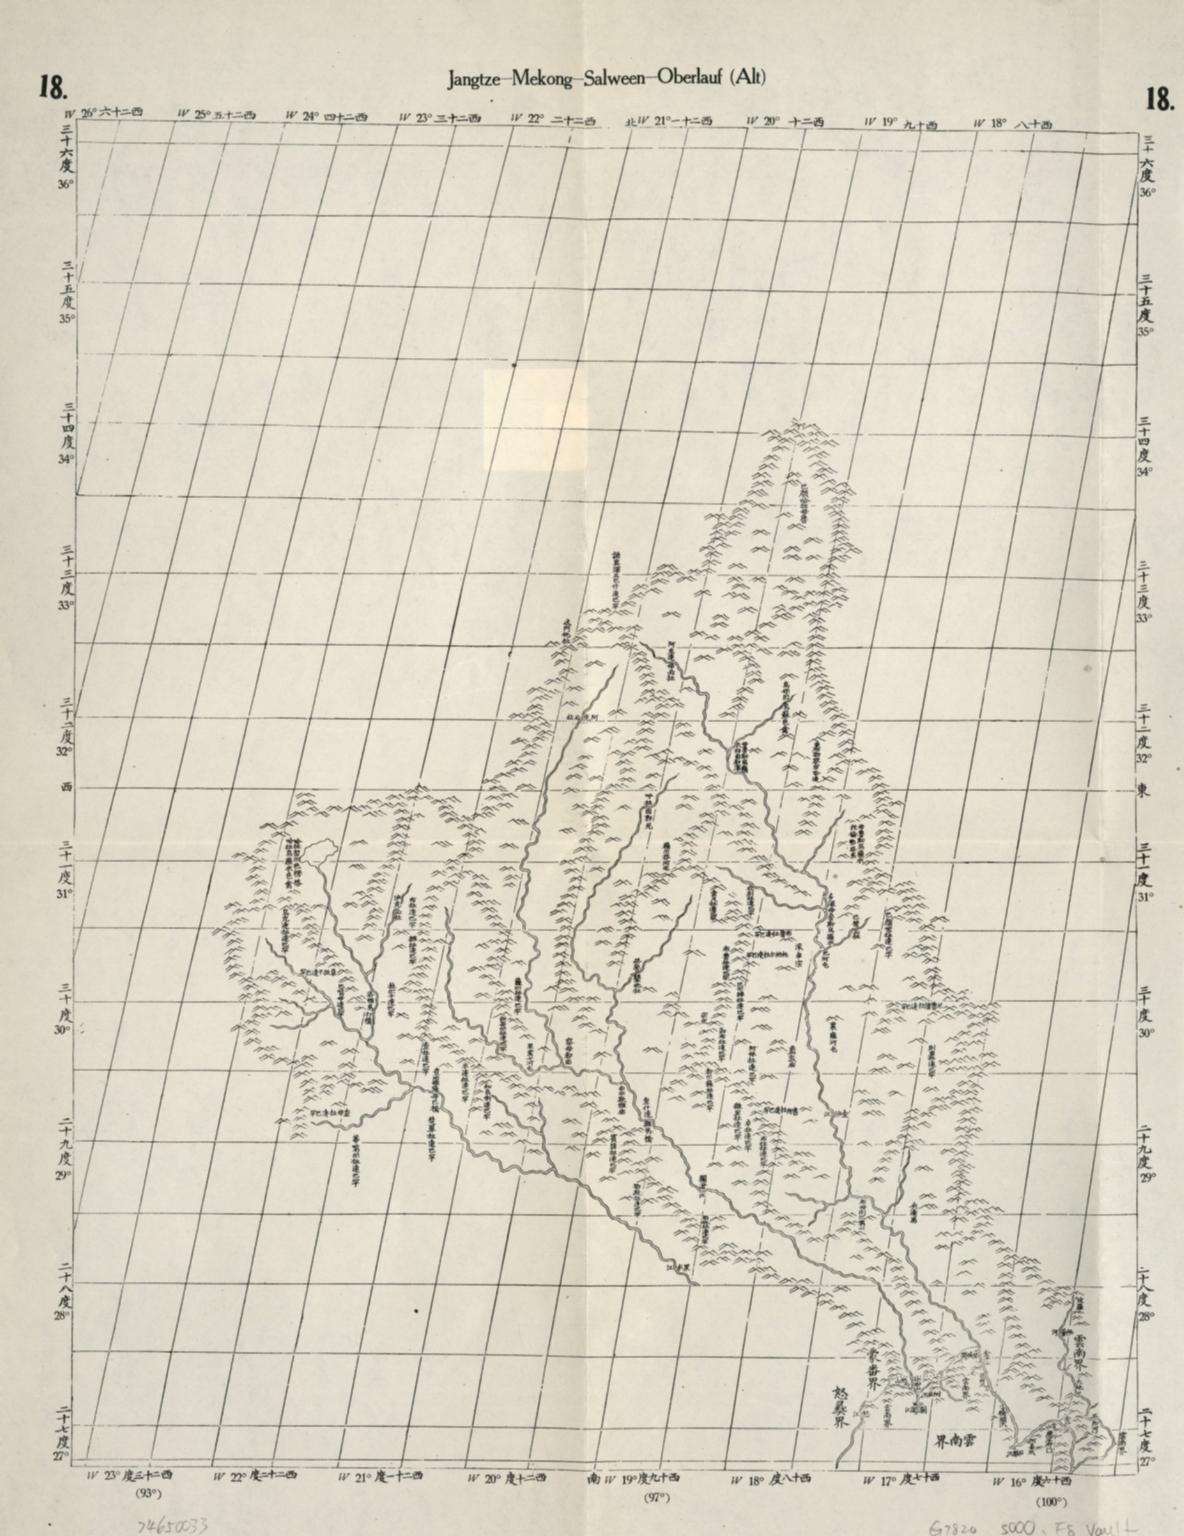 [金沙瀾滄等江源圖] = Jangtze-Mekong-Salween-Oberlauf (Alt)